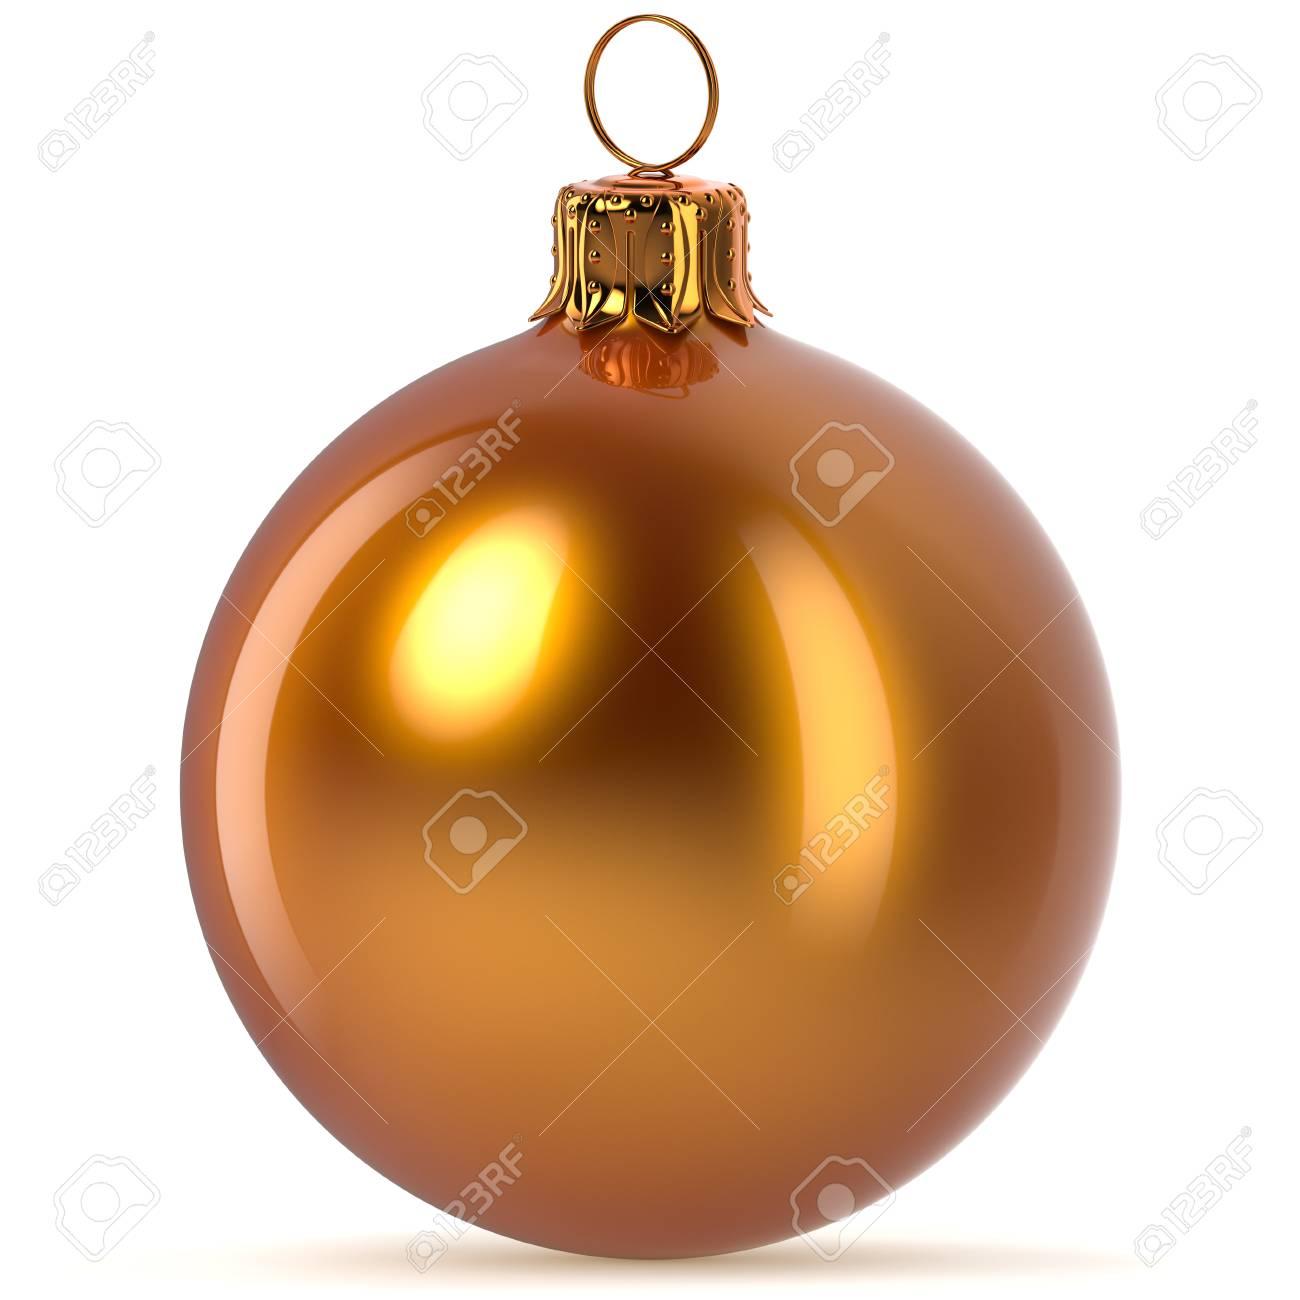 Representación 3d Decoración De Bola De Navidad Dorada Naranja Decoración De Ventana De Feliz Nochevieja Adorno De Chuchería Ornamento De Invierno Feliz Navidad Brillante Pulido De Cerca Fotos Retratos Imágenes Y Fotografía